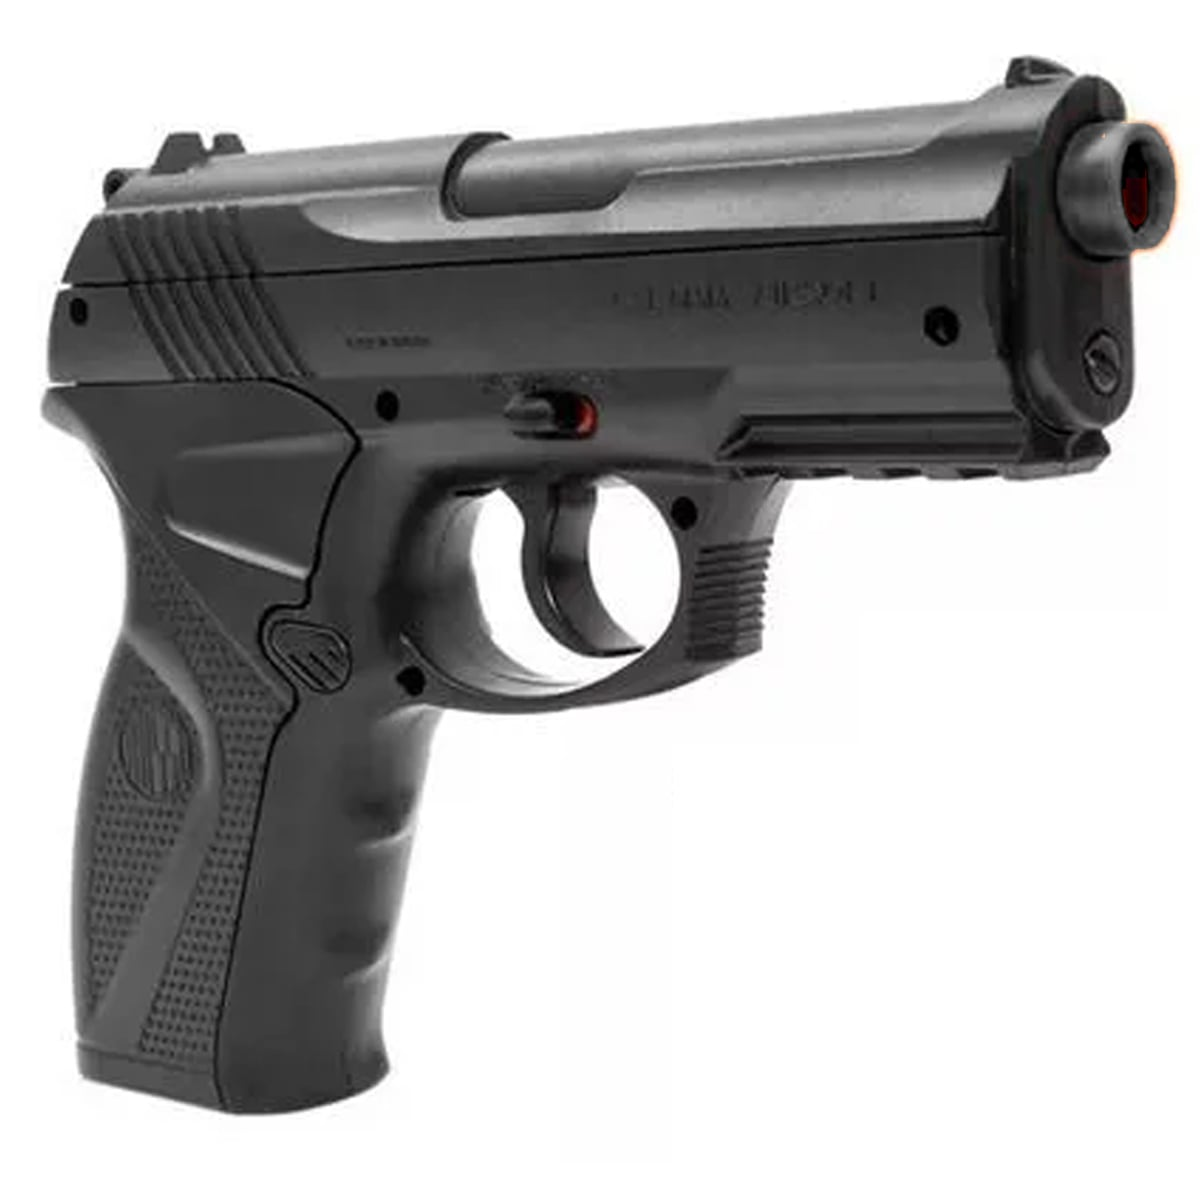 Pistola de Pressão Airgun C11 Rossi 6mm CO2 - Wingun